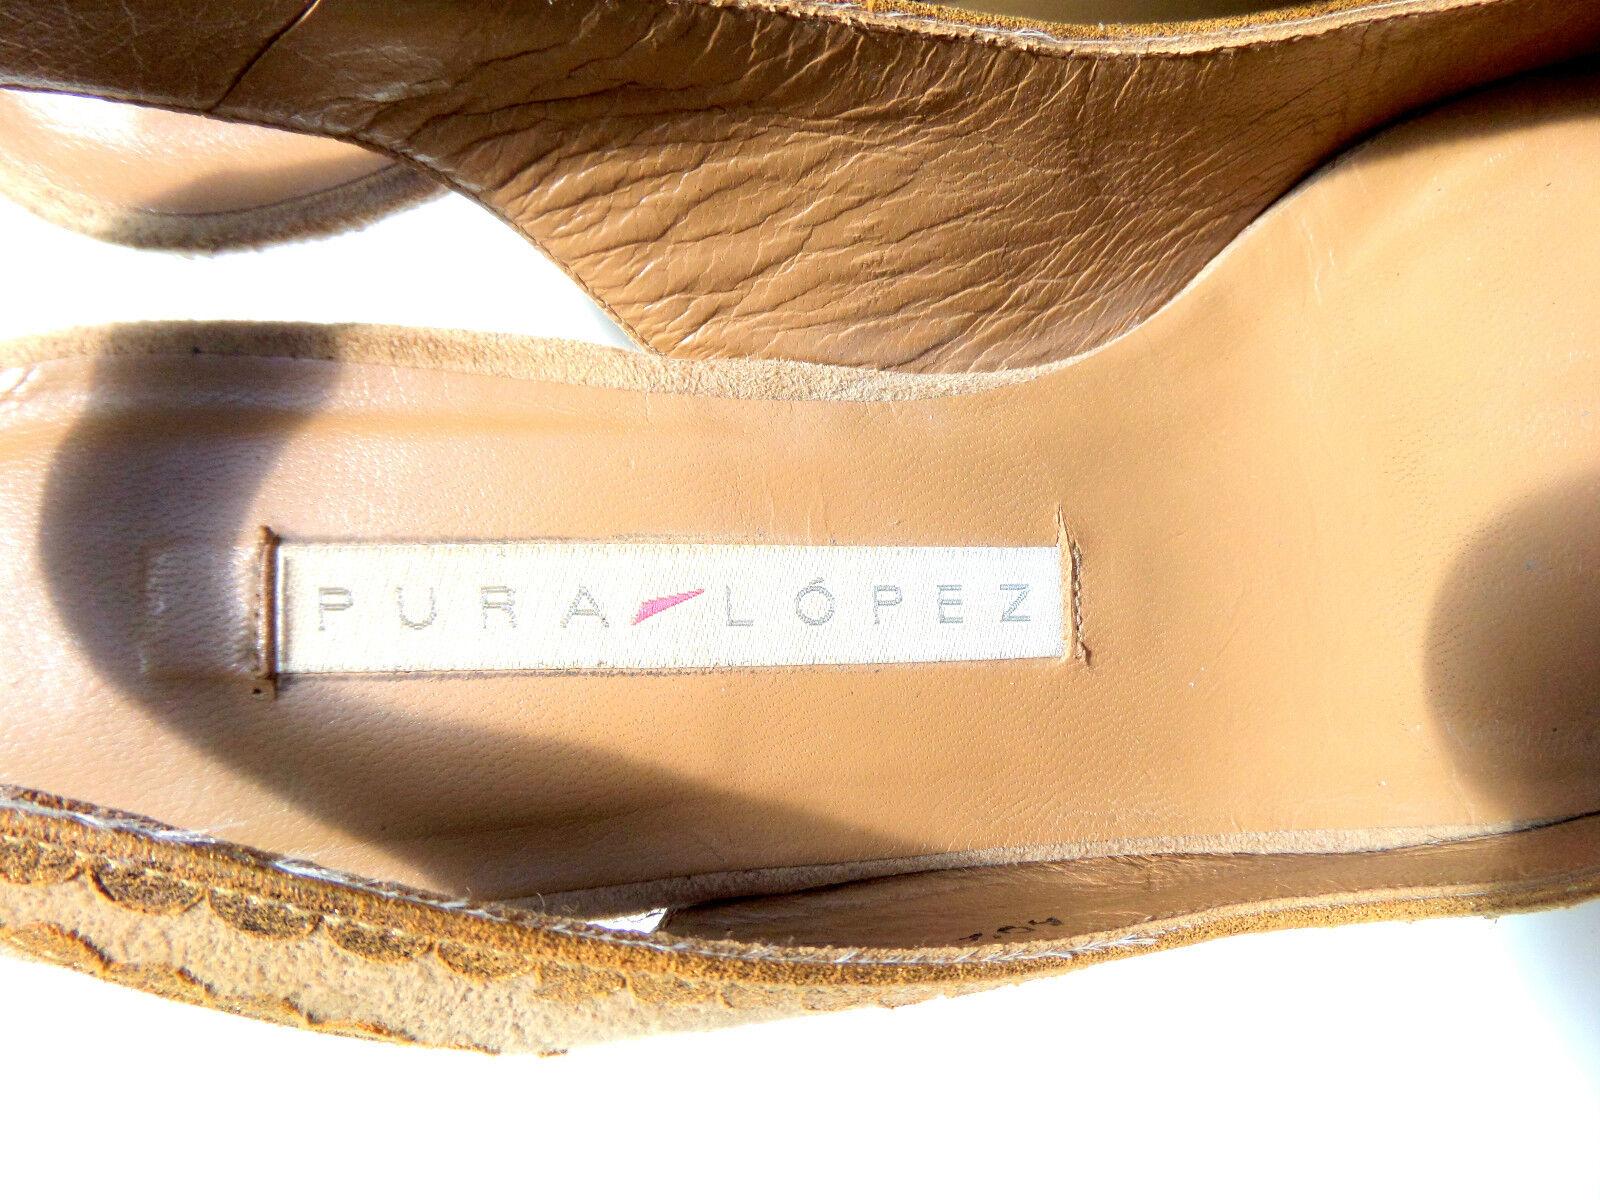 T O P Orig PURA LOPEZ Wild Rau Leder Leder Leder Damen Pump Art. in Gr 37 e v t 37.5 Sand Be 5ac902